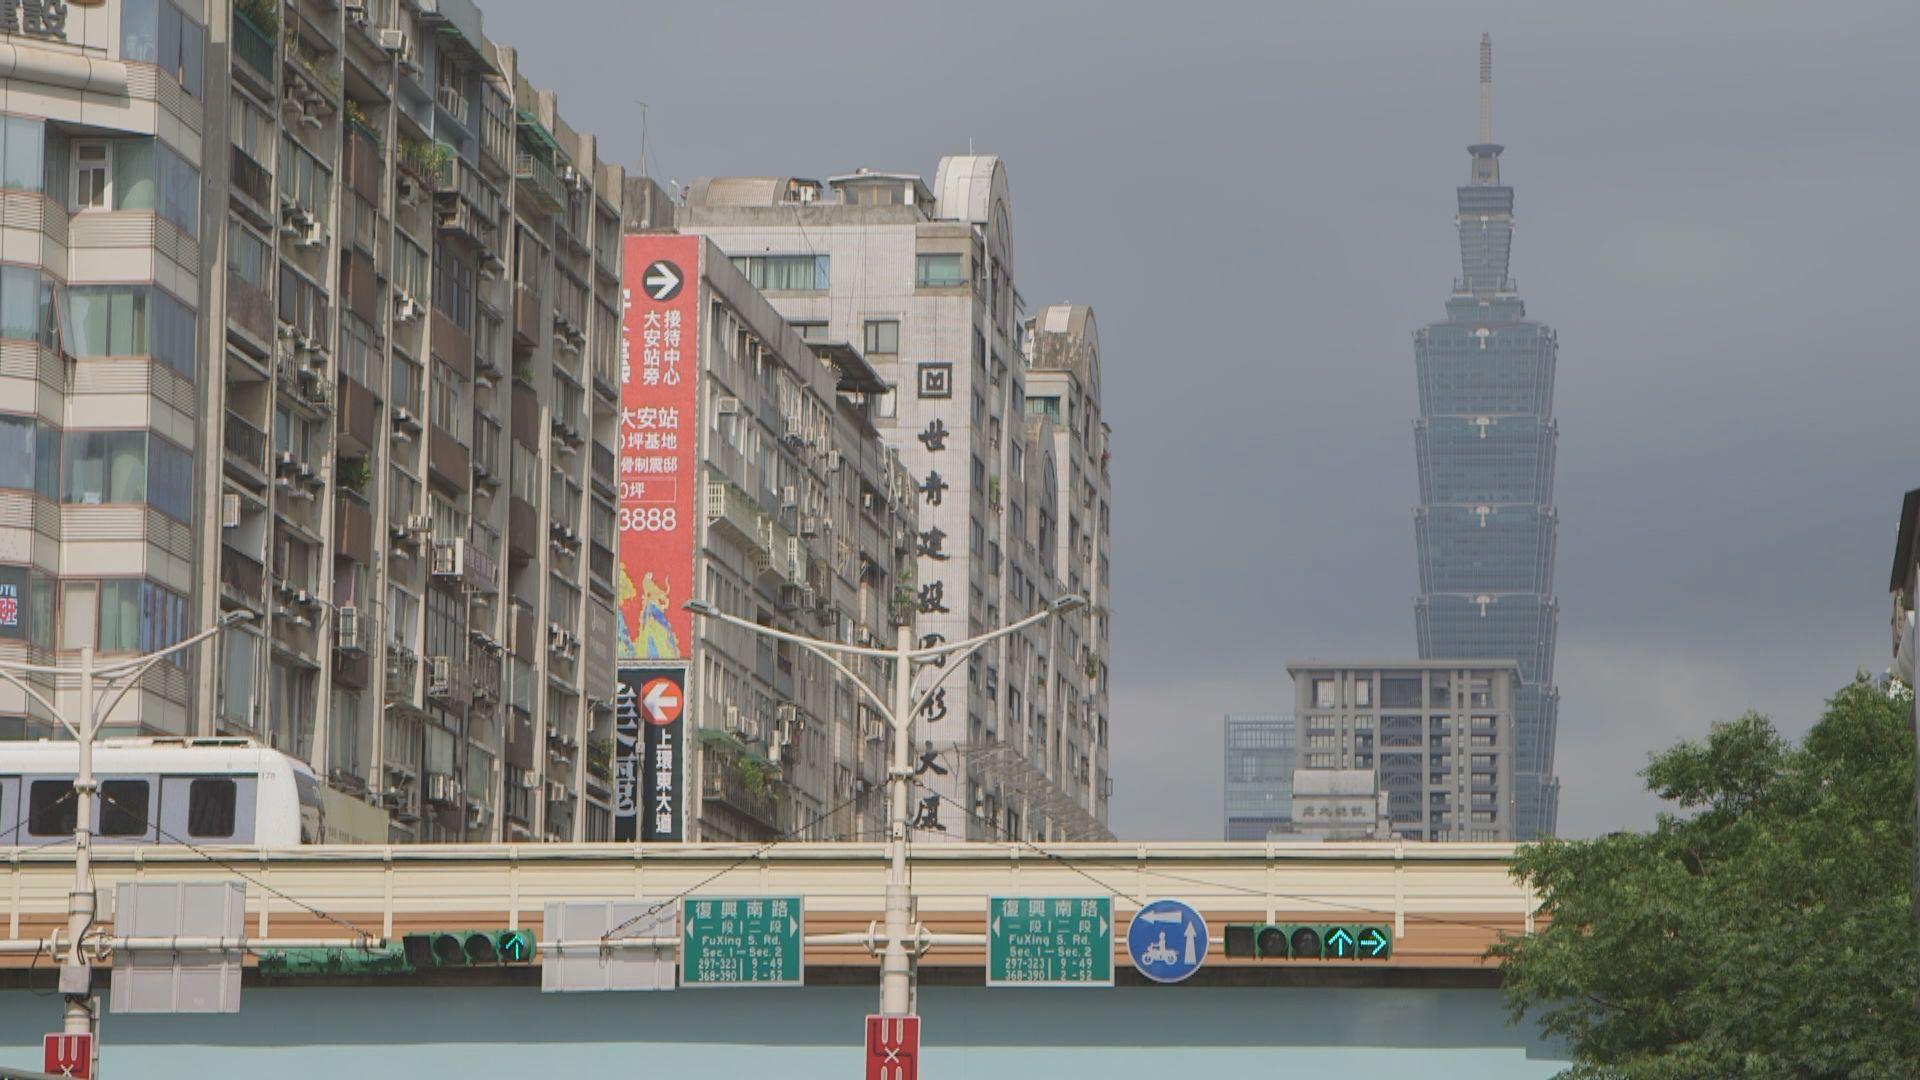 台灣稱已遞交申請加入CPTPP